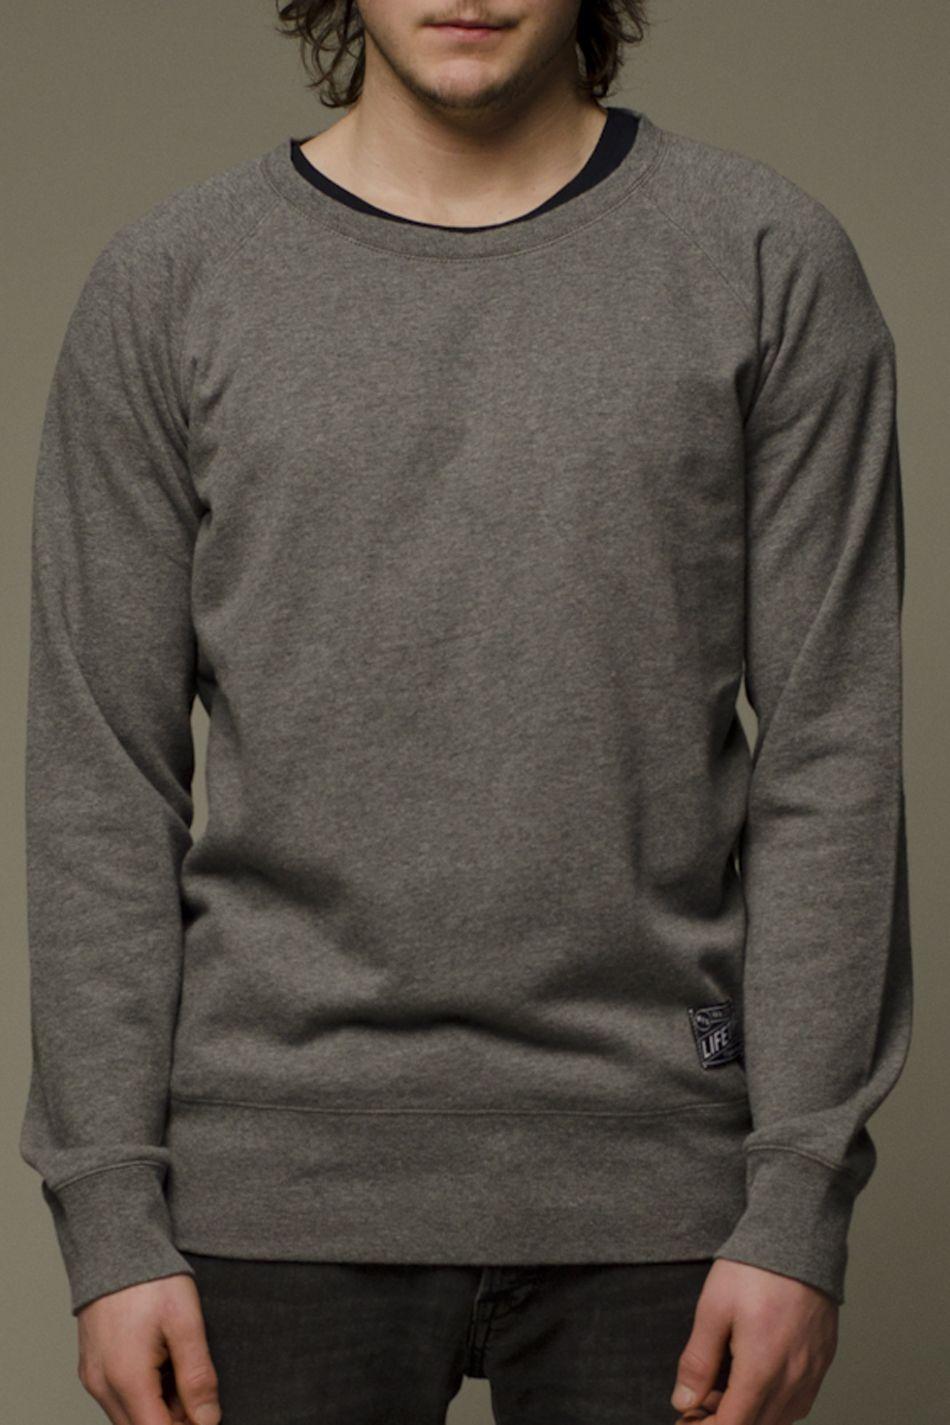 BONJOUR by Uniform Standard / Lifetime Collective - $77.00